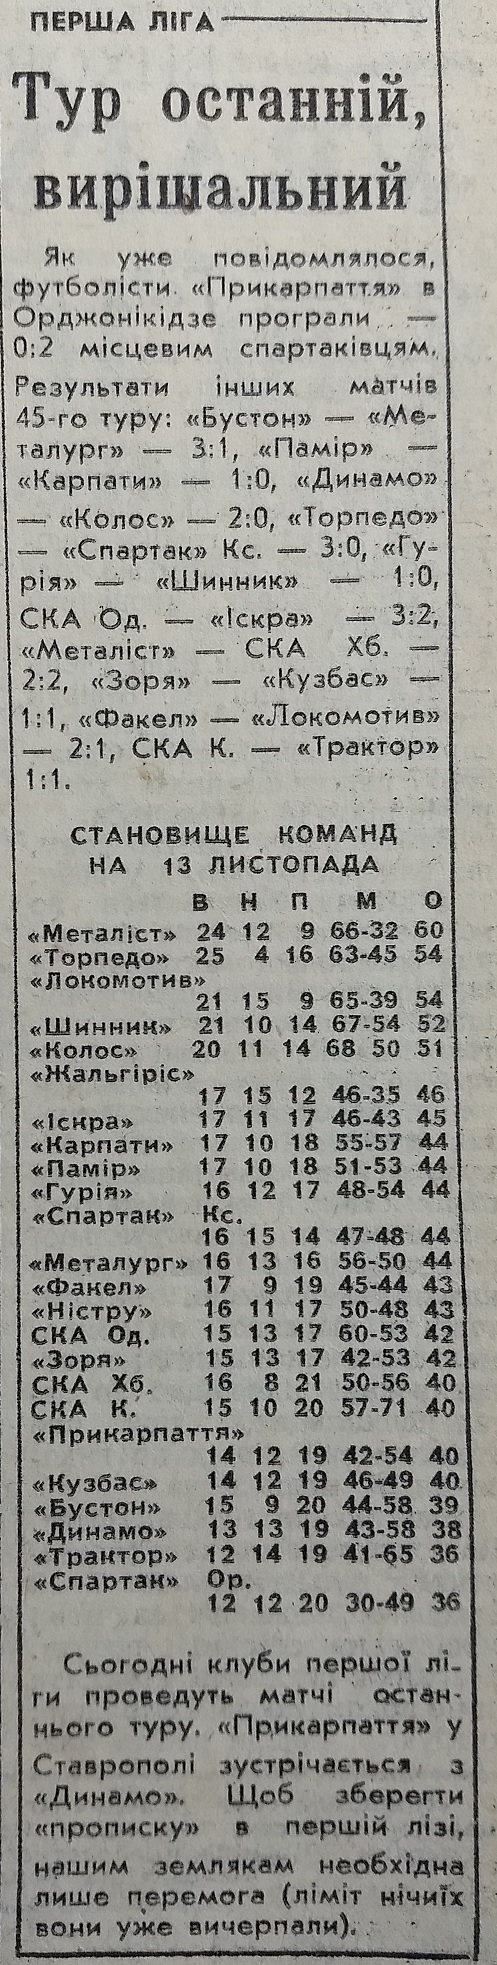 Спартак (Орджоникидзе) - Прикарпатье (Ивано-Франковск) 2:0